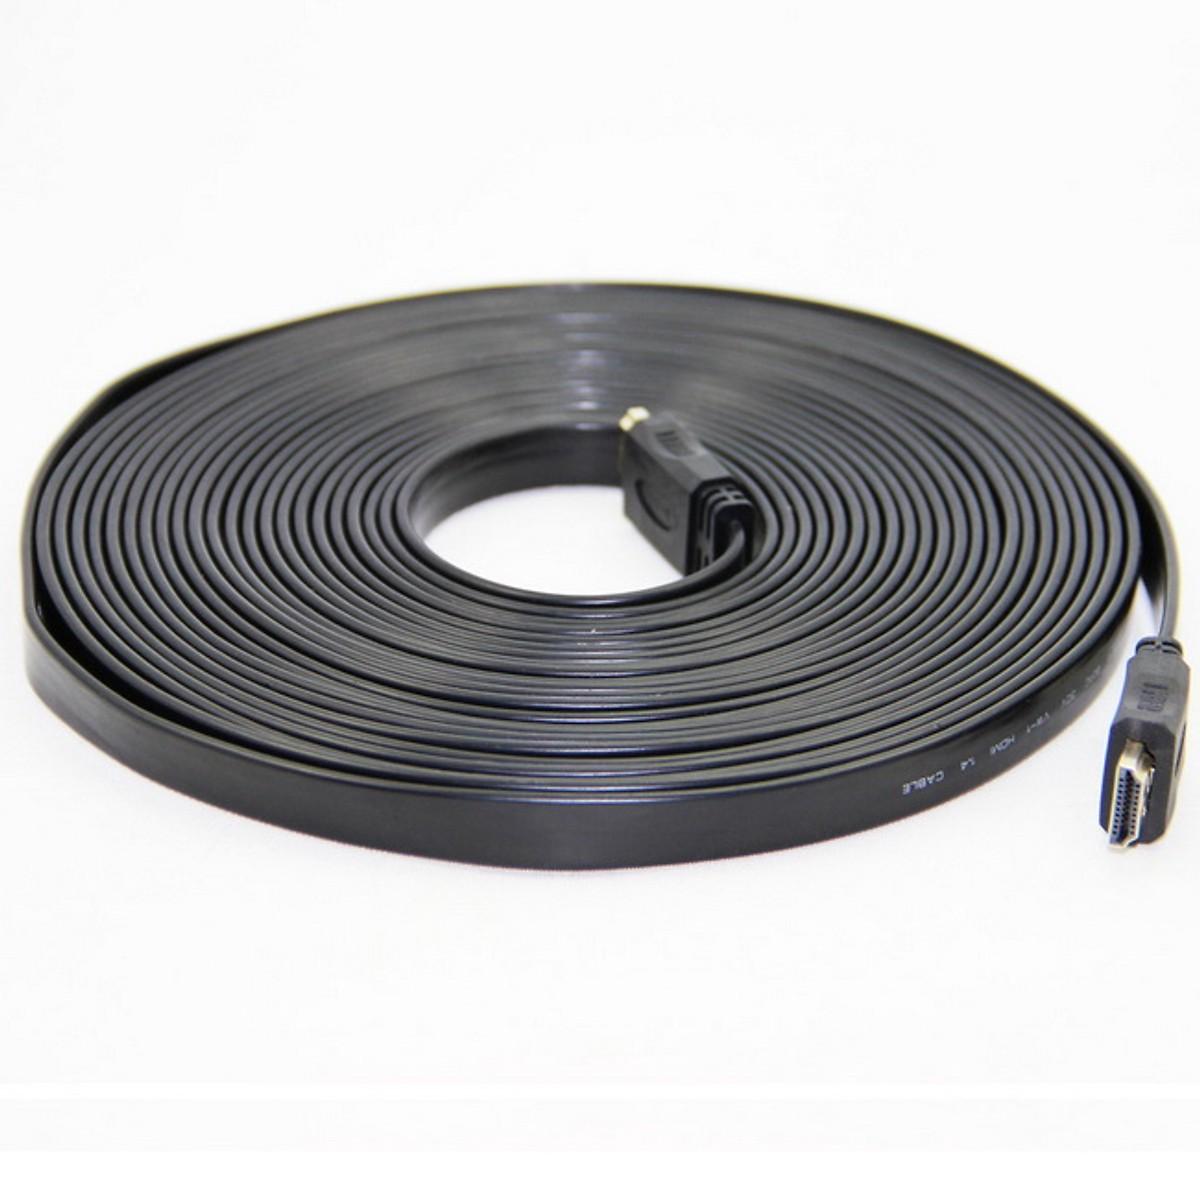 Cáp HDMI 10M dẹt dây đen KIWI